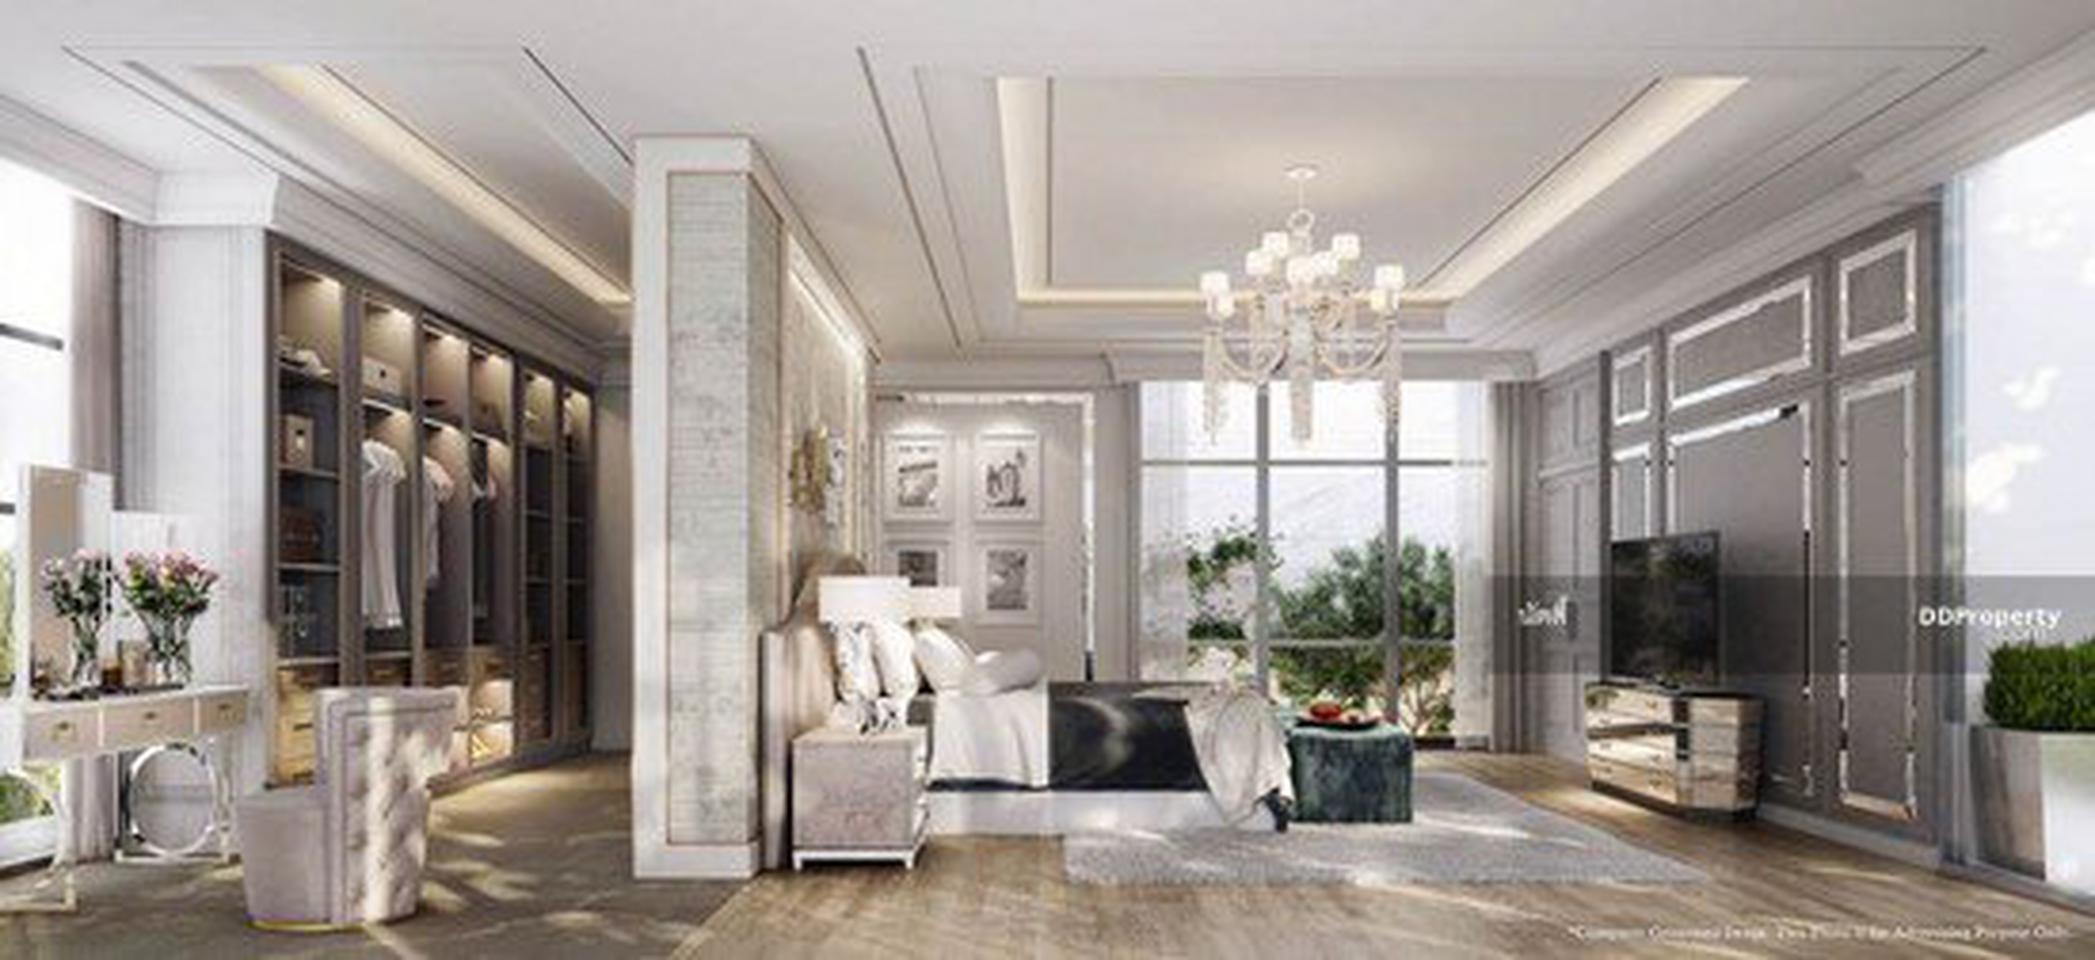 ขายบ้านเดี่ยว 649 residence Luxury Maisons  รูปที่ 1